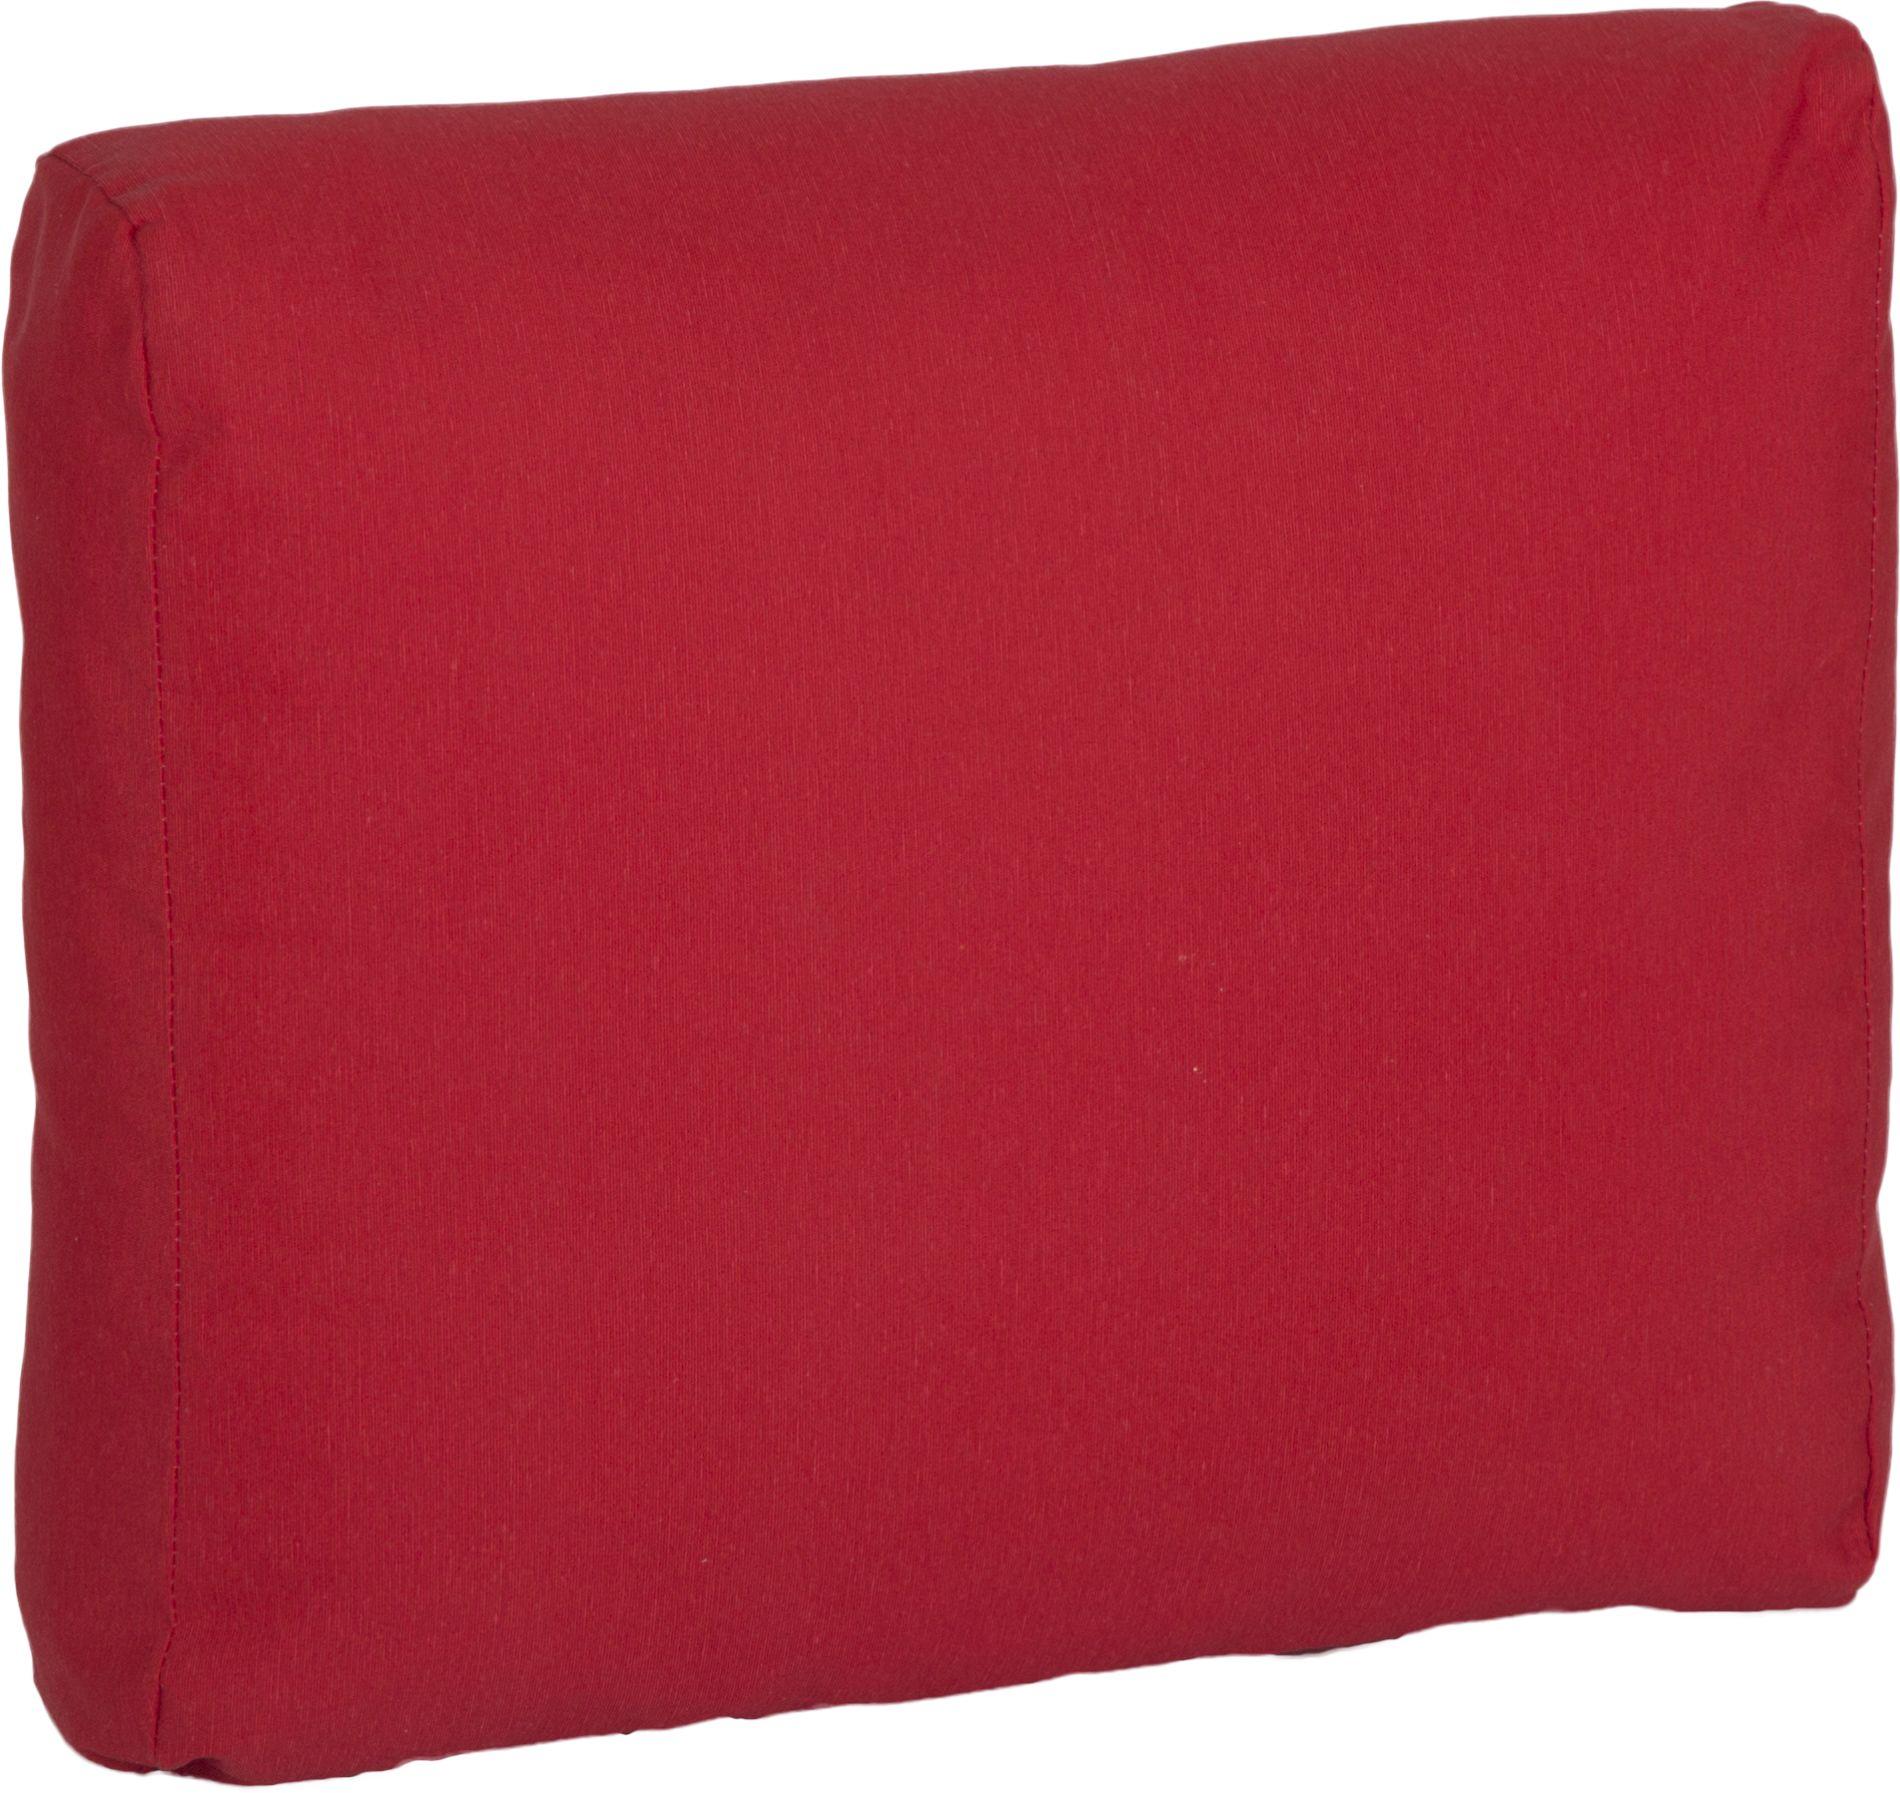 acamp Weekend Eckkissen für Loungegruppe in rot 46 x 42 x 22 cm